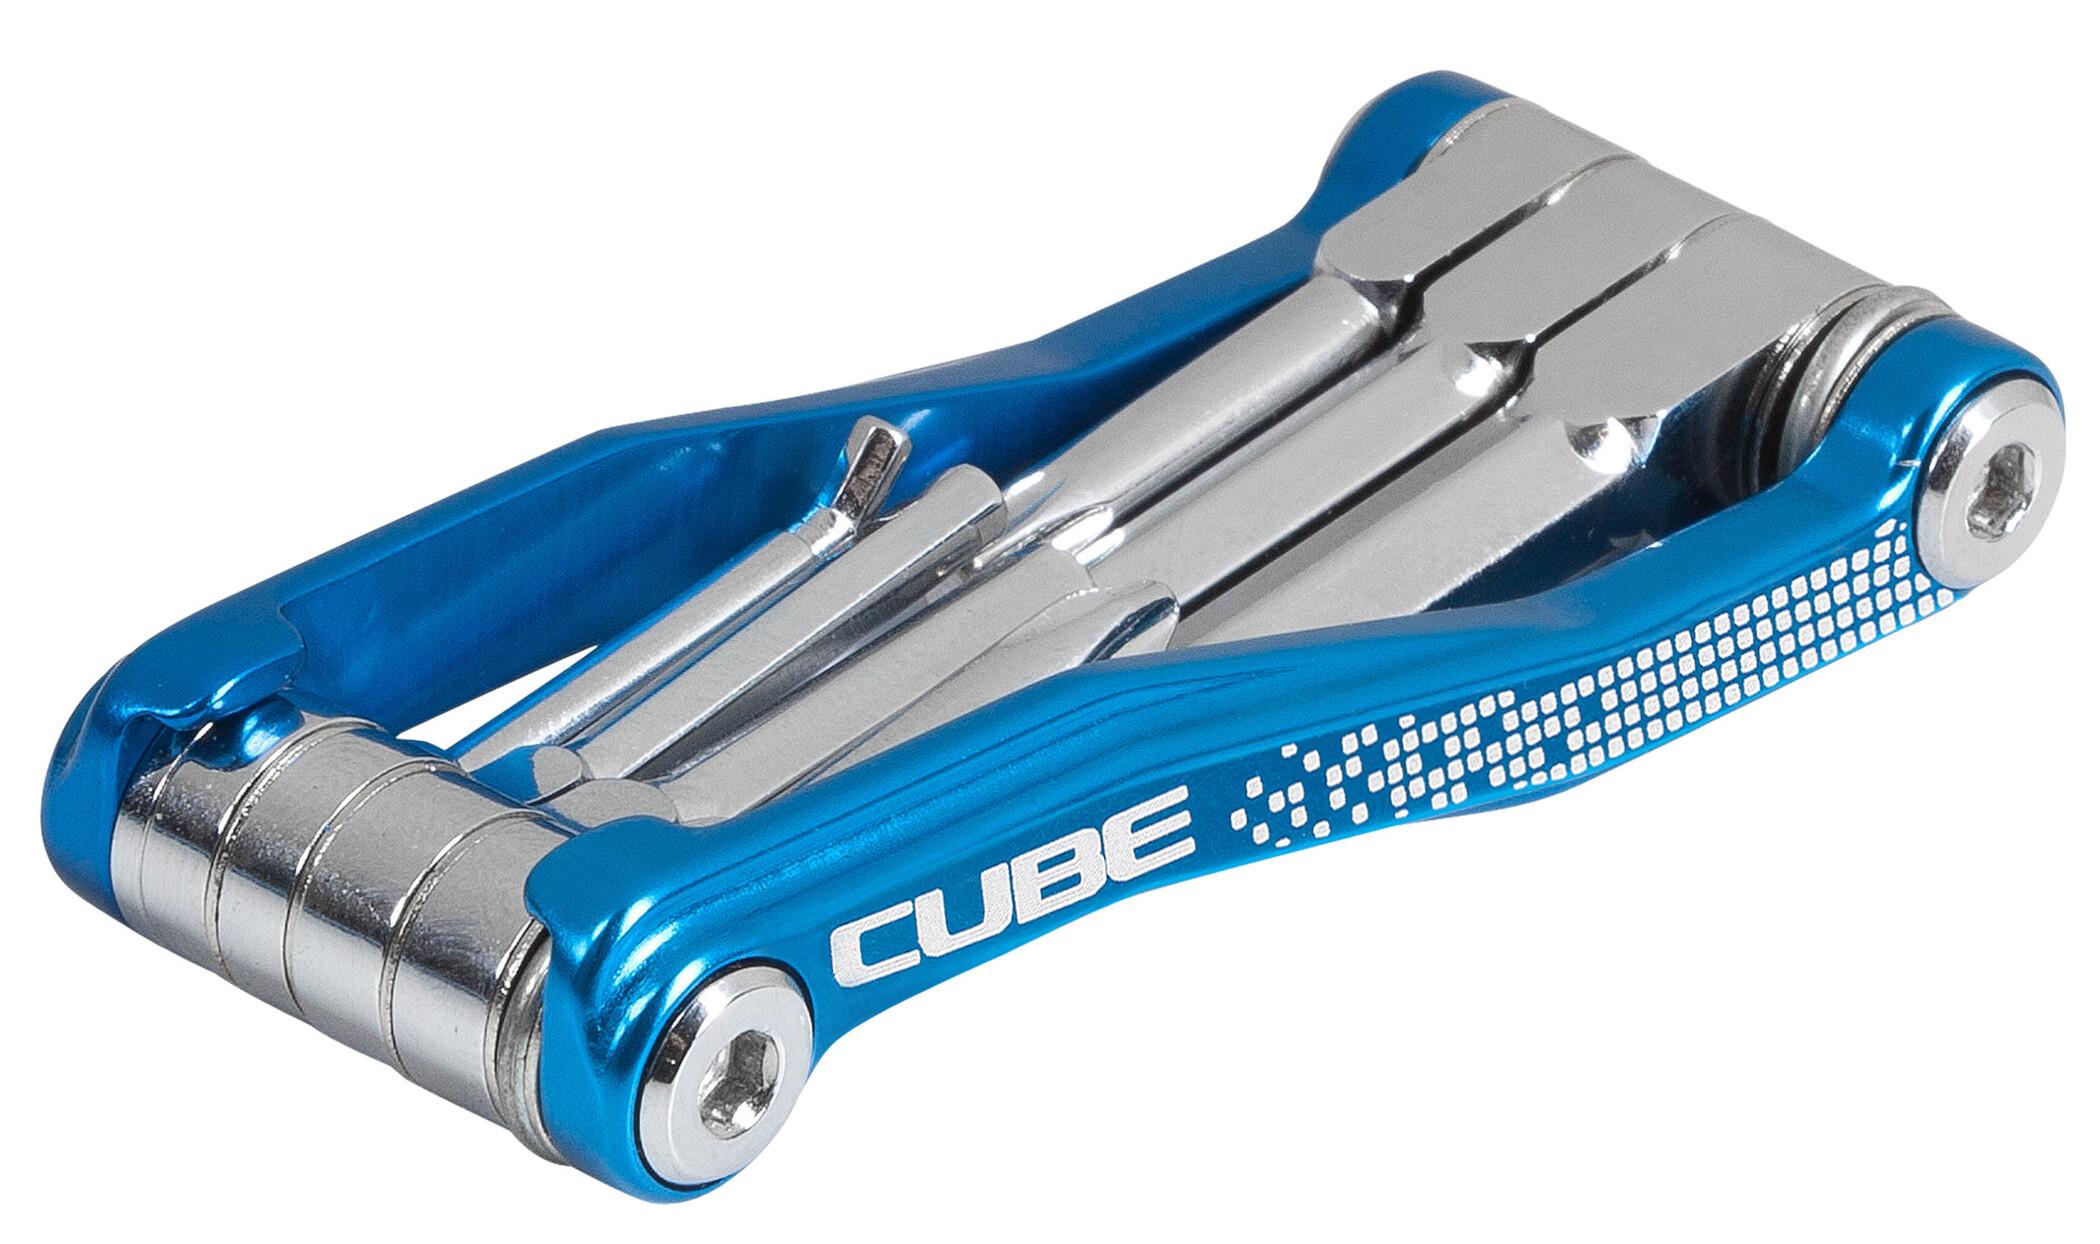 Cube Cubetool 7 in 1 Cykelværktøj, blue chrom (2019)   Multi- og miniværktøj